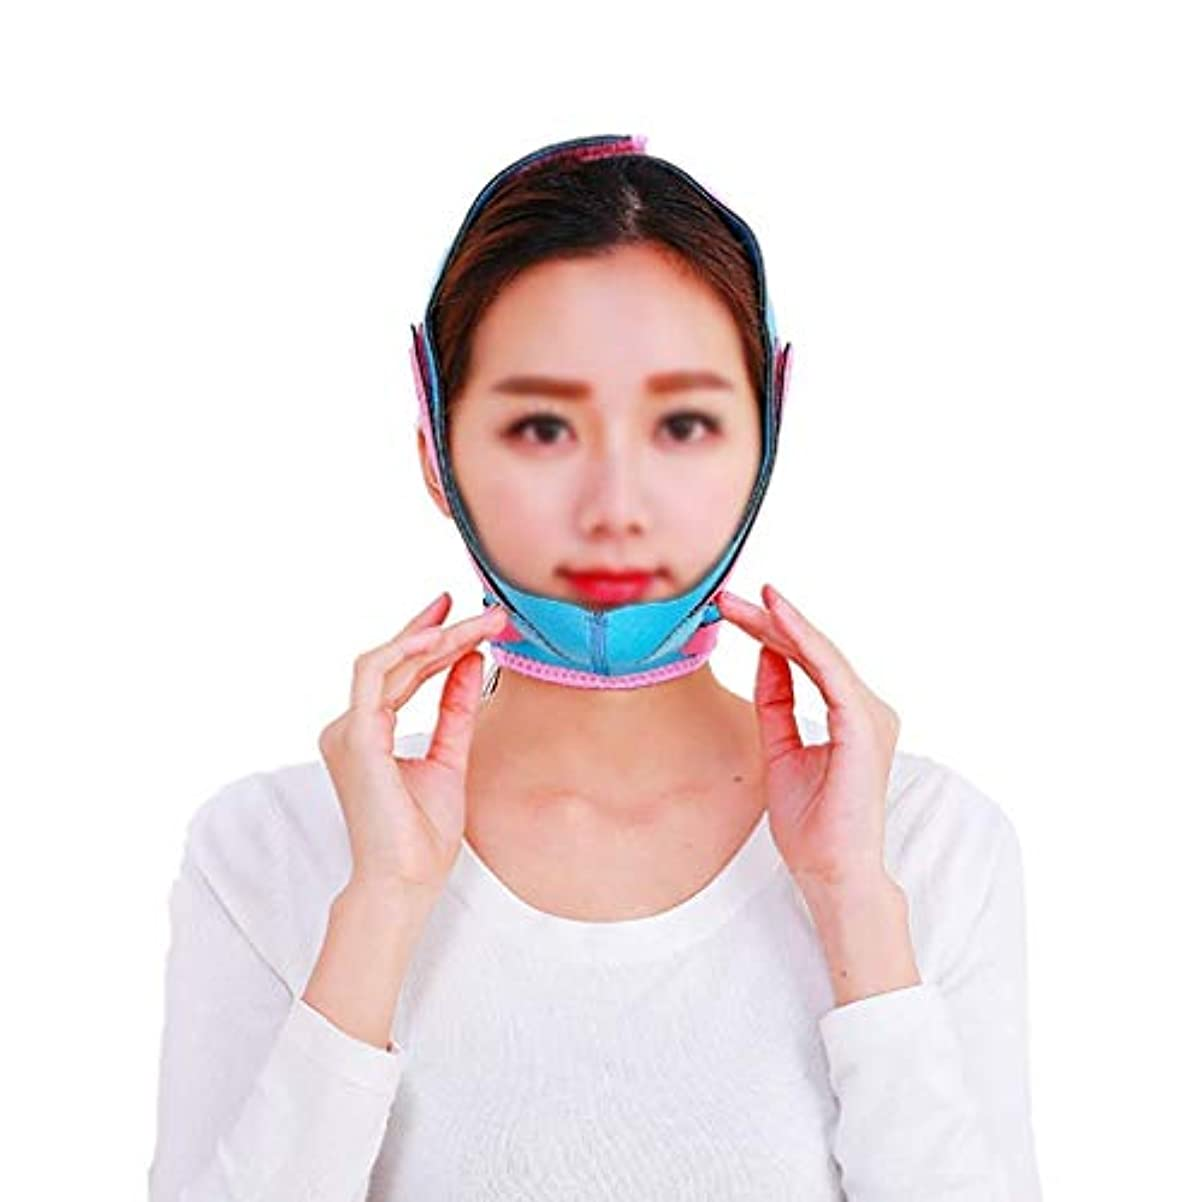 カメアヒル自己尊重顔と首のリフト、男性と女性のフェイスリフトアーティファクトシュリンクマスクを強化輪郭の救済ドループ筋肉引き締め肌弾性V顔包帯